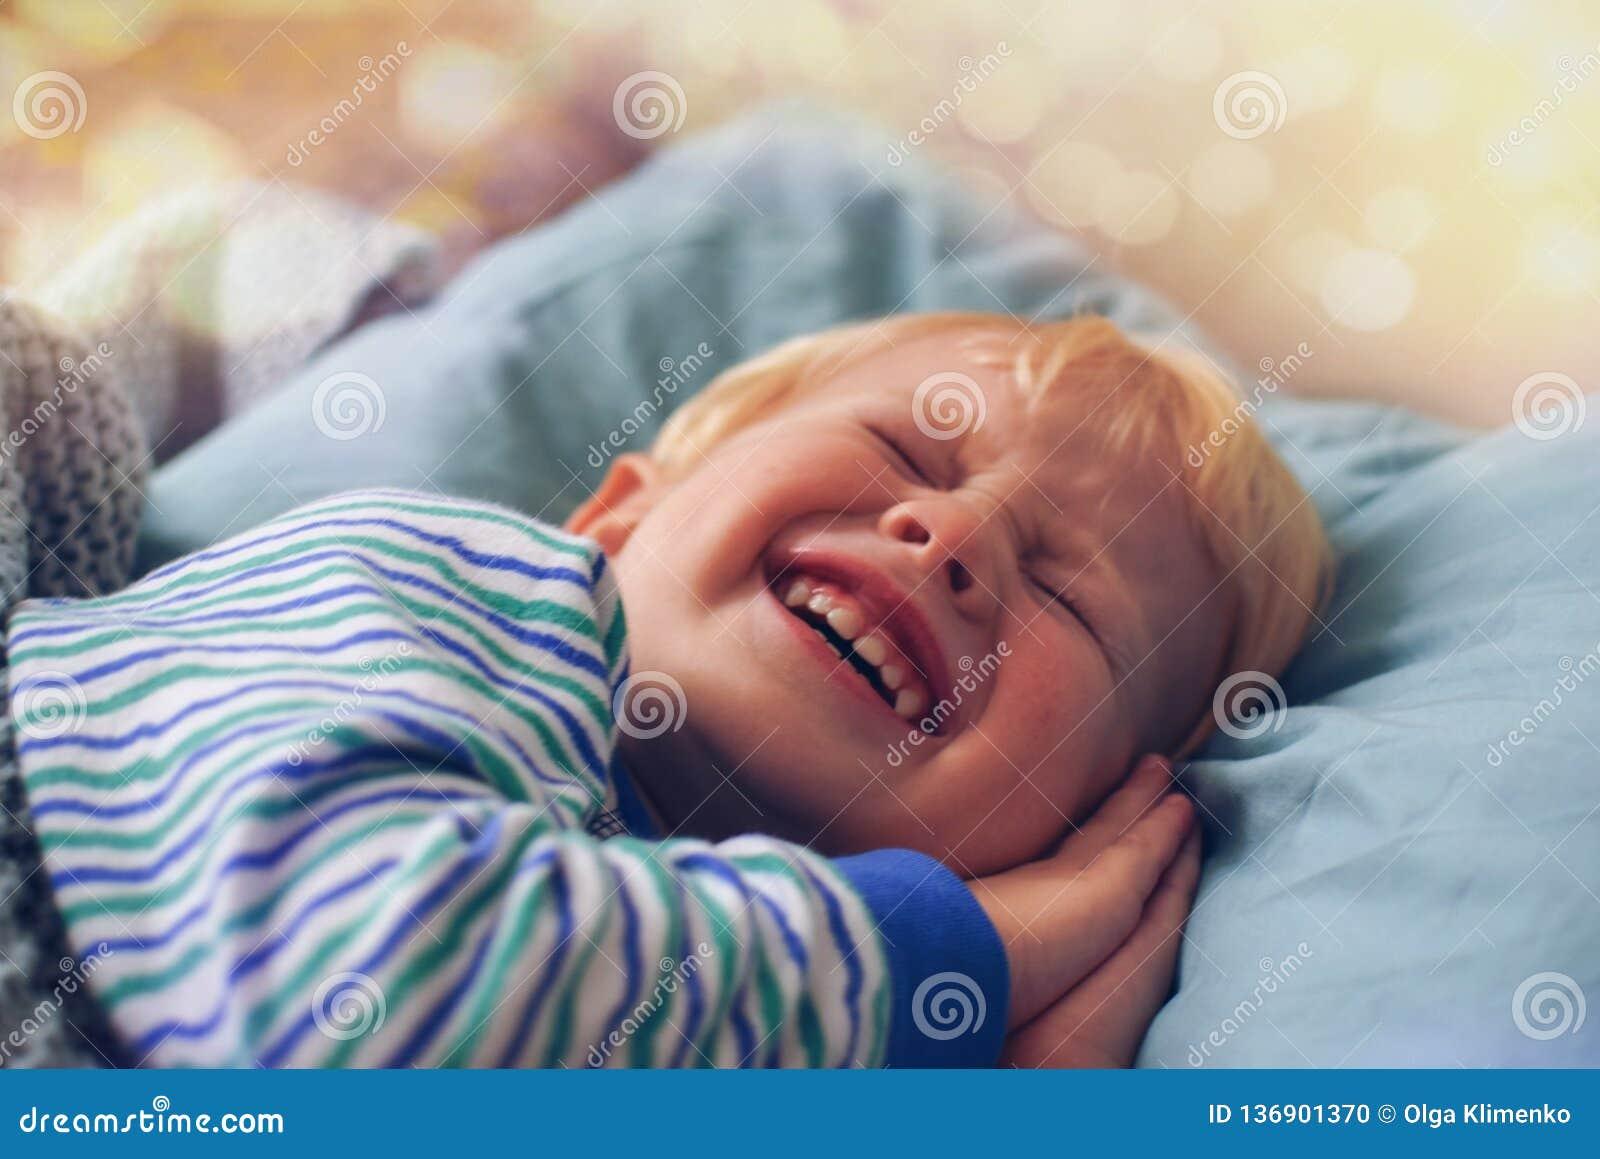 Troszkę mruga blond chłopiec w pasiastych piżamach z jego rękami pod jego policzkiem, próbujący spać